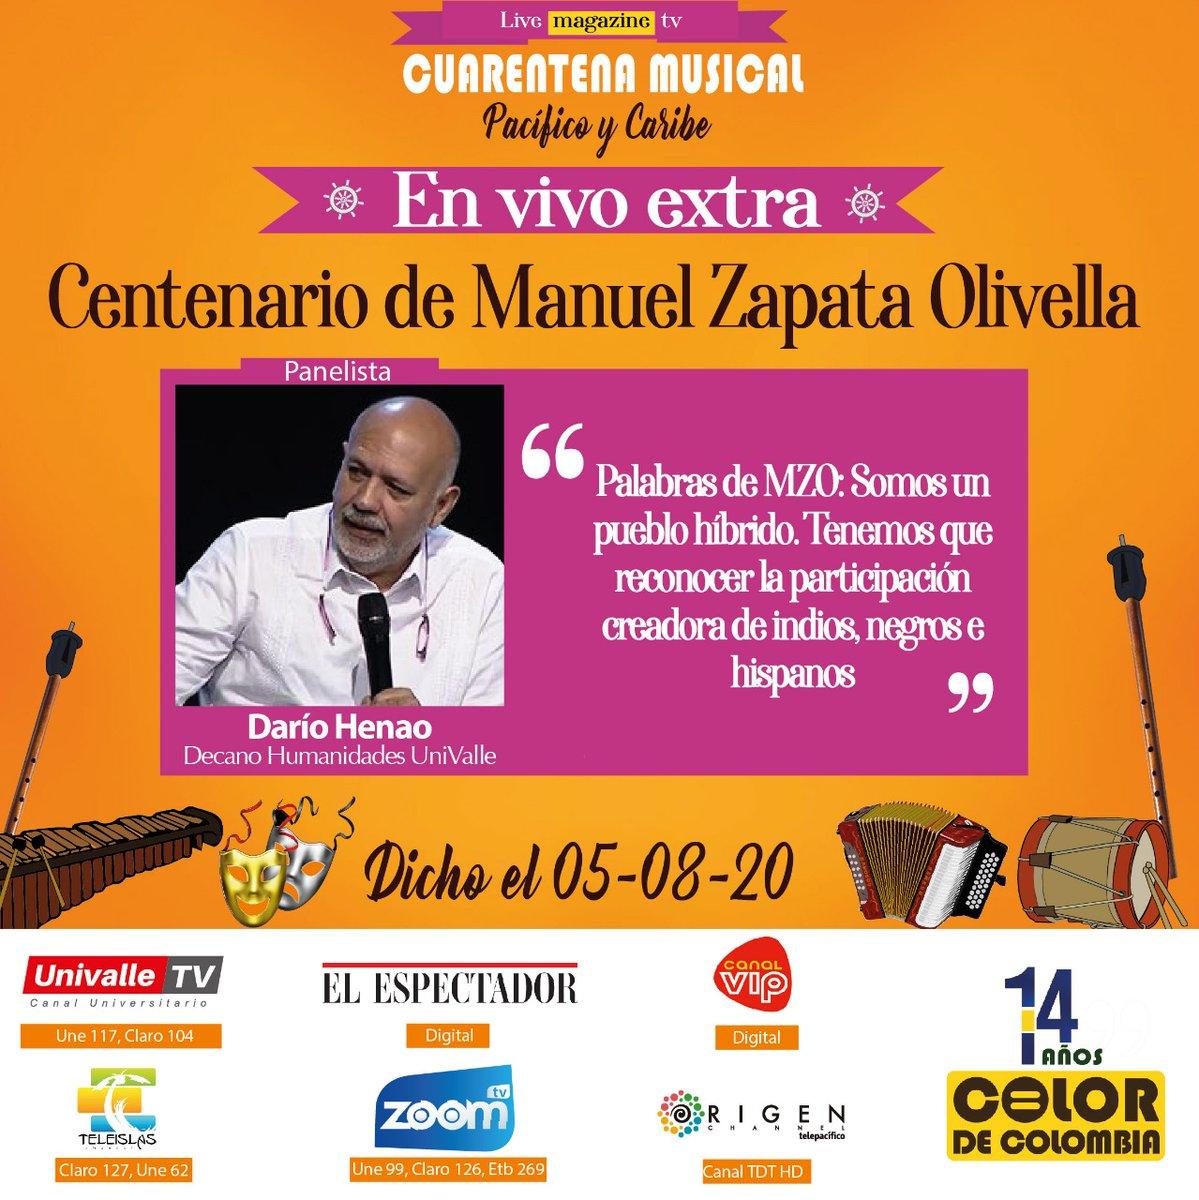 #Dicho por @marino_aguado, jefe de producción de @TelepacificoTV; @luis_sevillano, director de Poblaciones de @mincultura; y #DaríoHenao, decano de Humanidades de @UnivalleCol; durante #EnVivo #Extra de #CuarentenaMusical #Pacífico y #Caribe: Centenario de Manuel Zapata Olivella. https://t.co/Tg8NmSUfi8